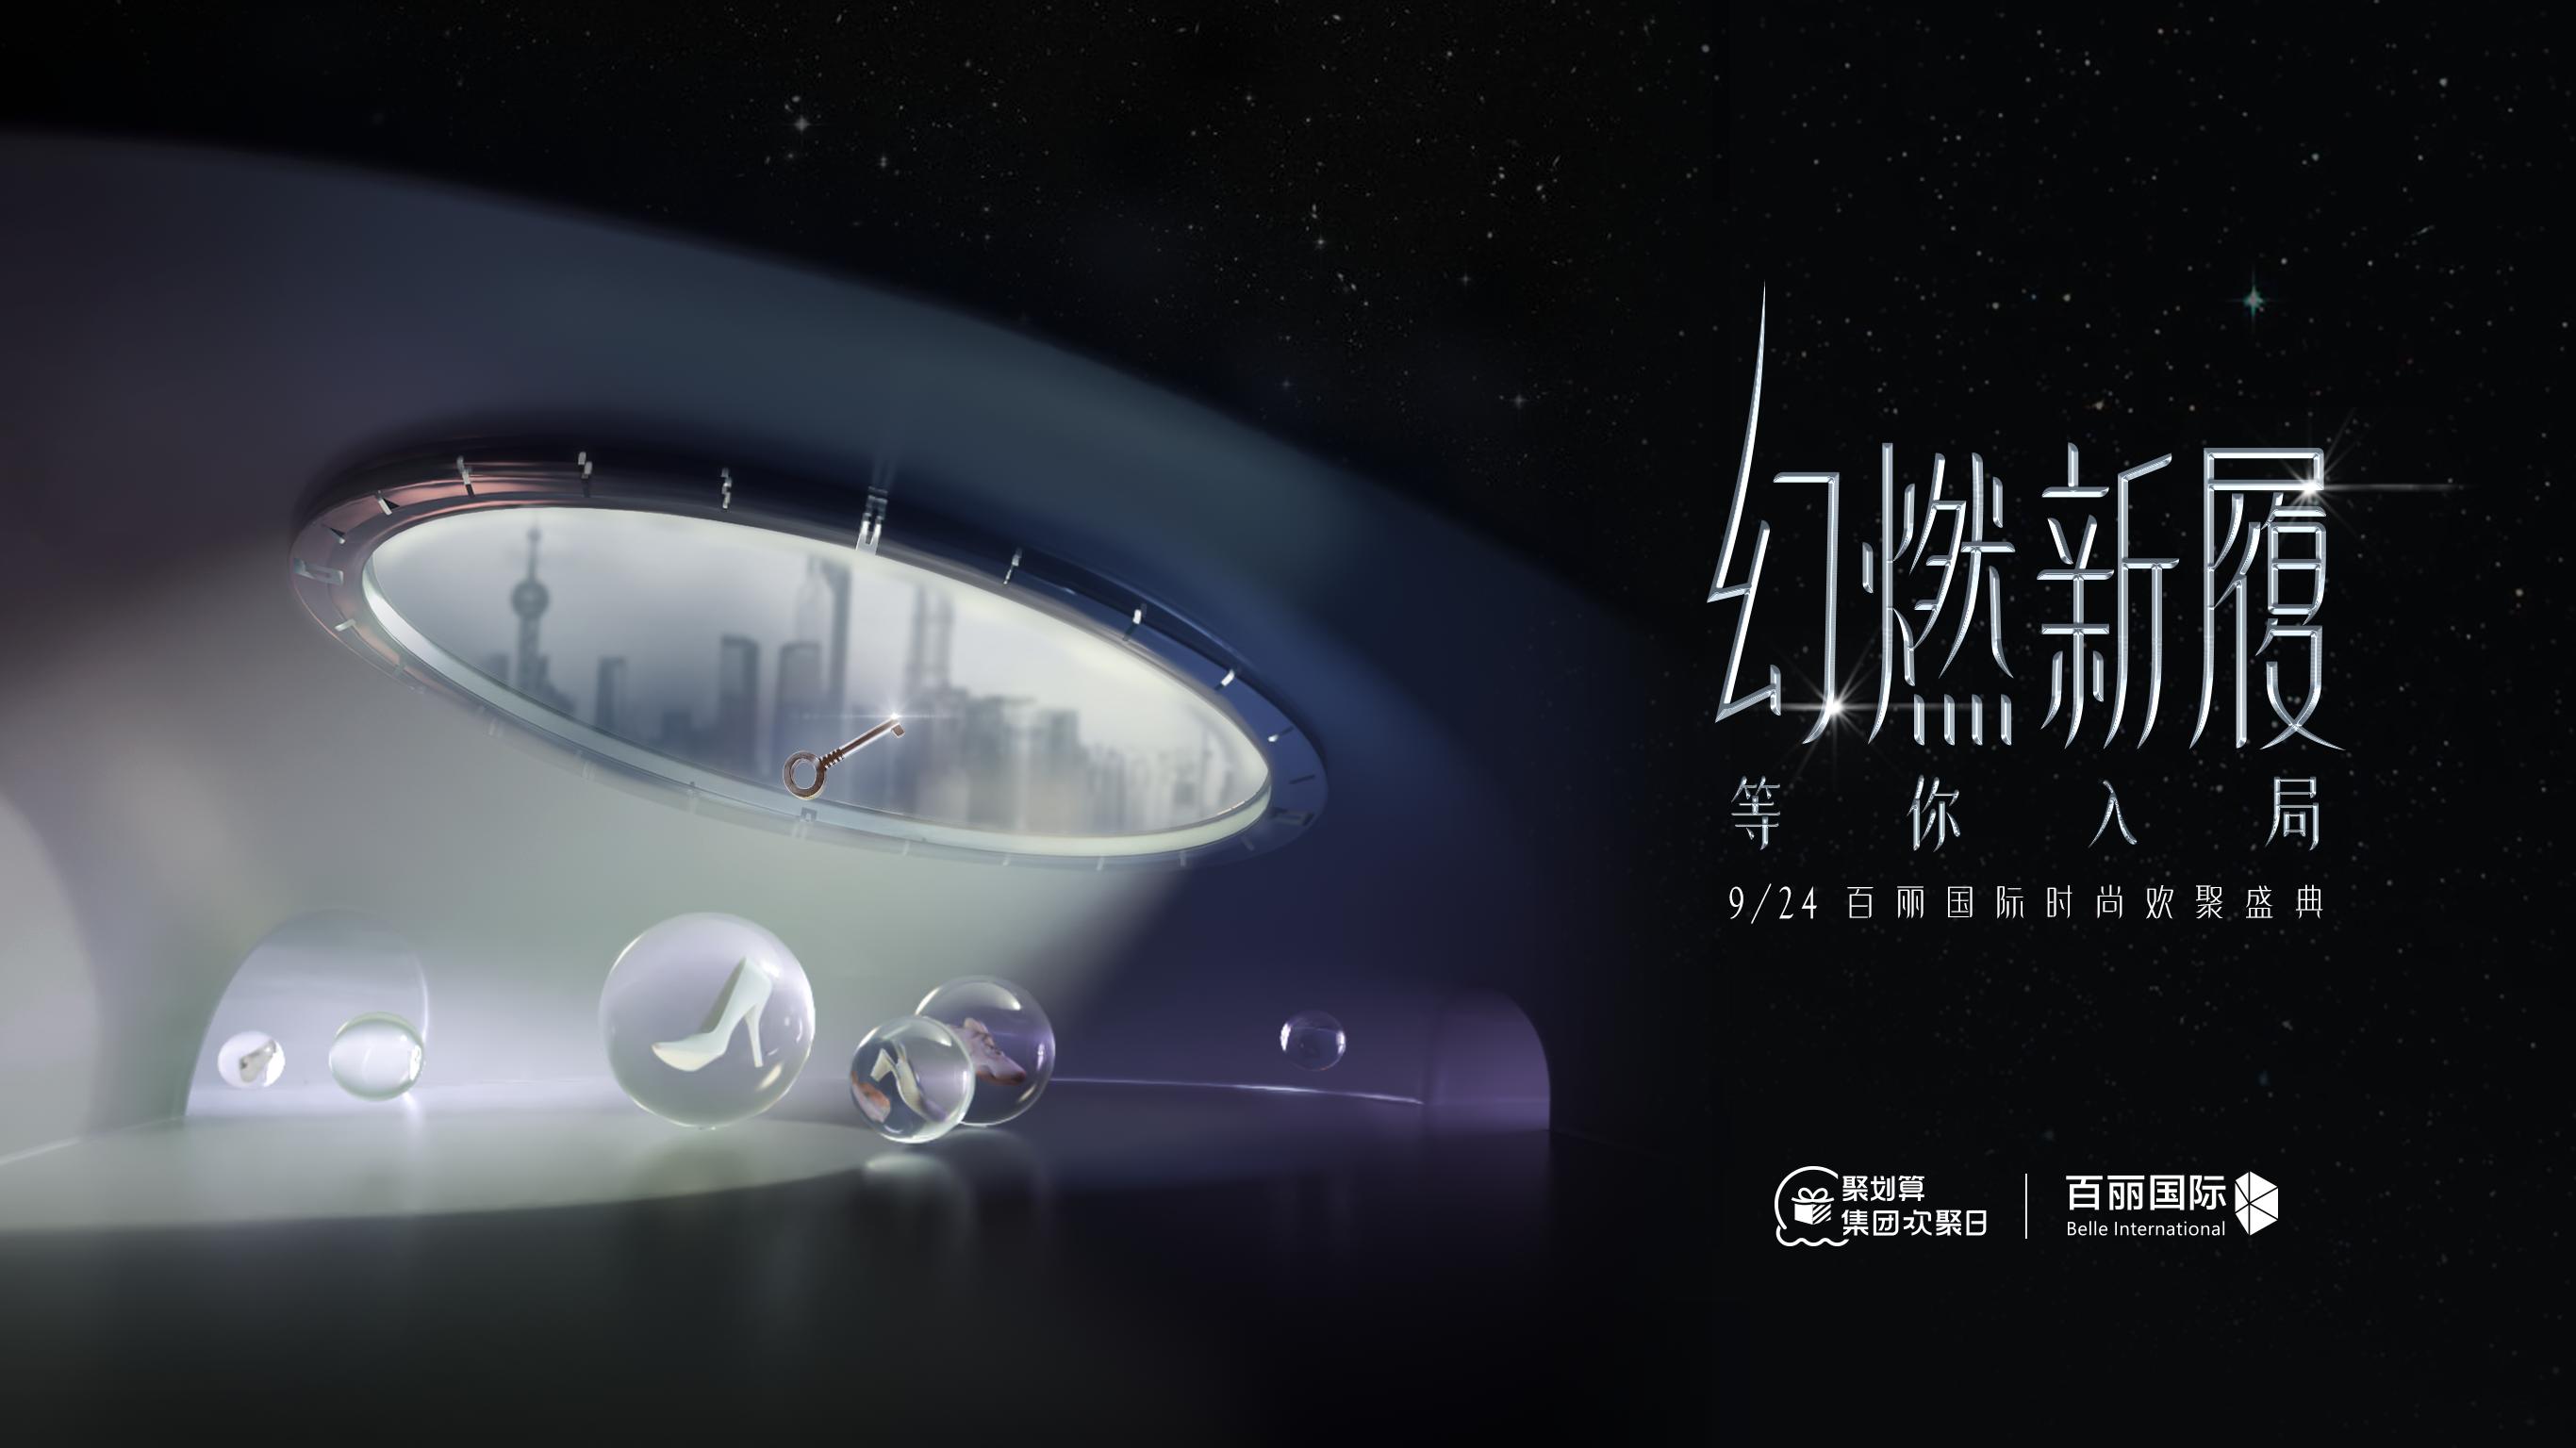 """百丽国际启动神秘方舟,""""幻燃 新履""""未来等你"""